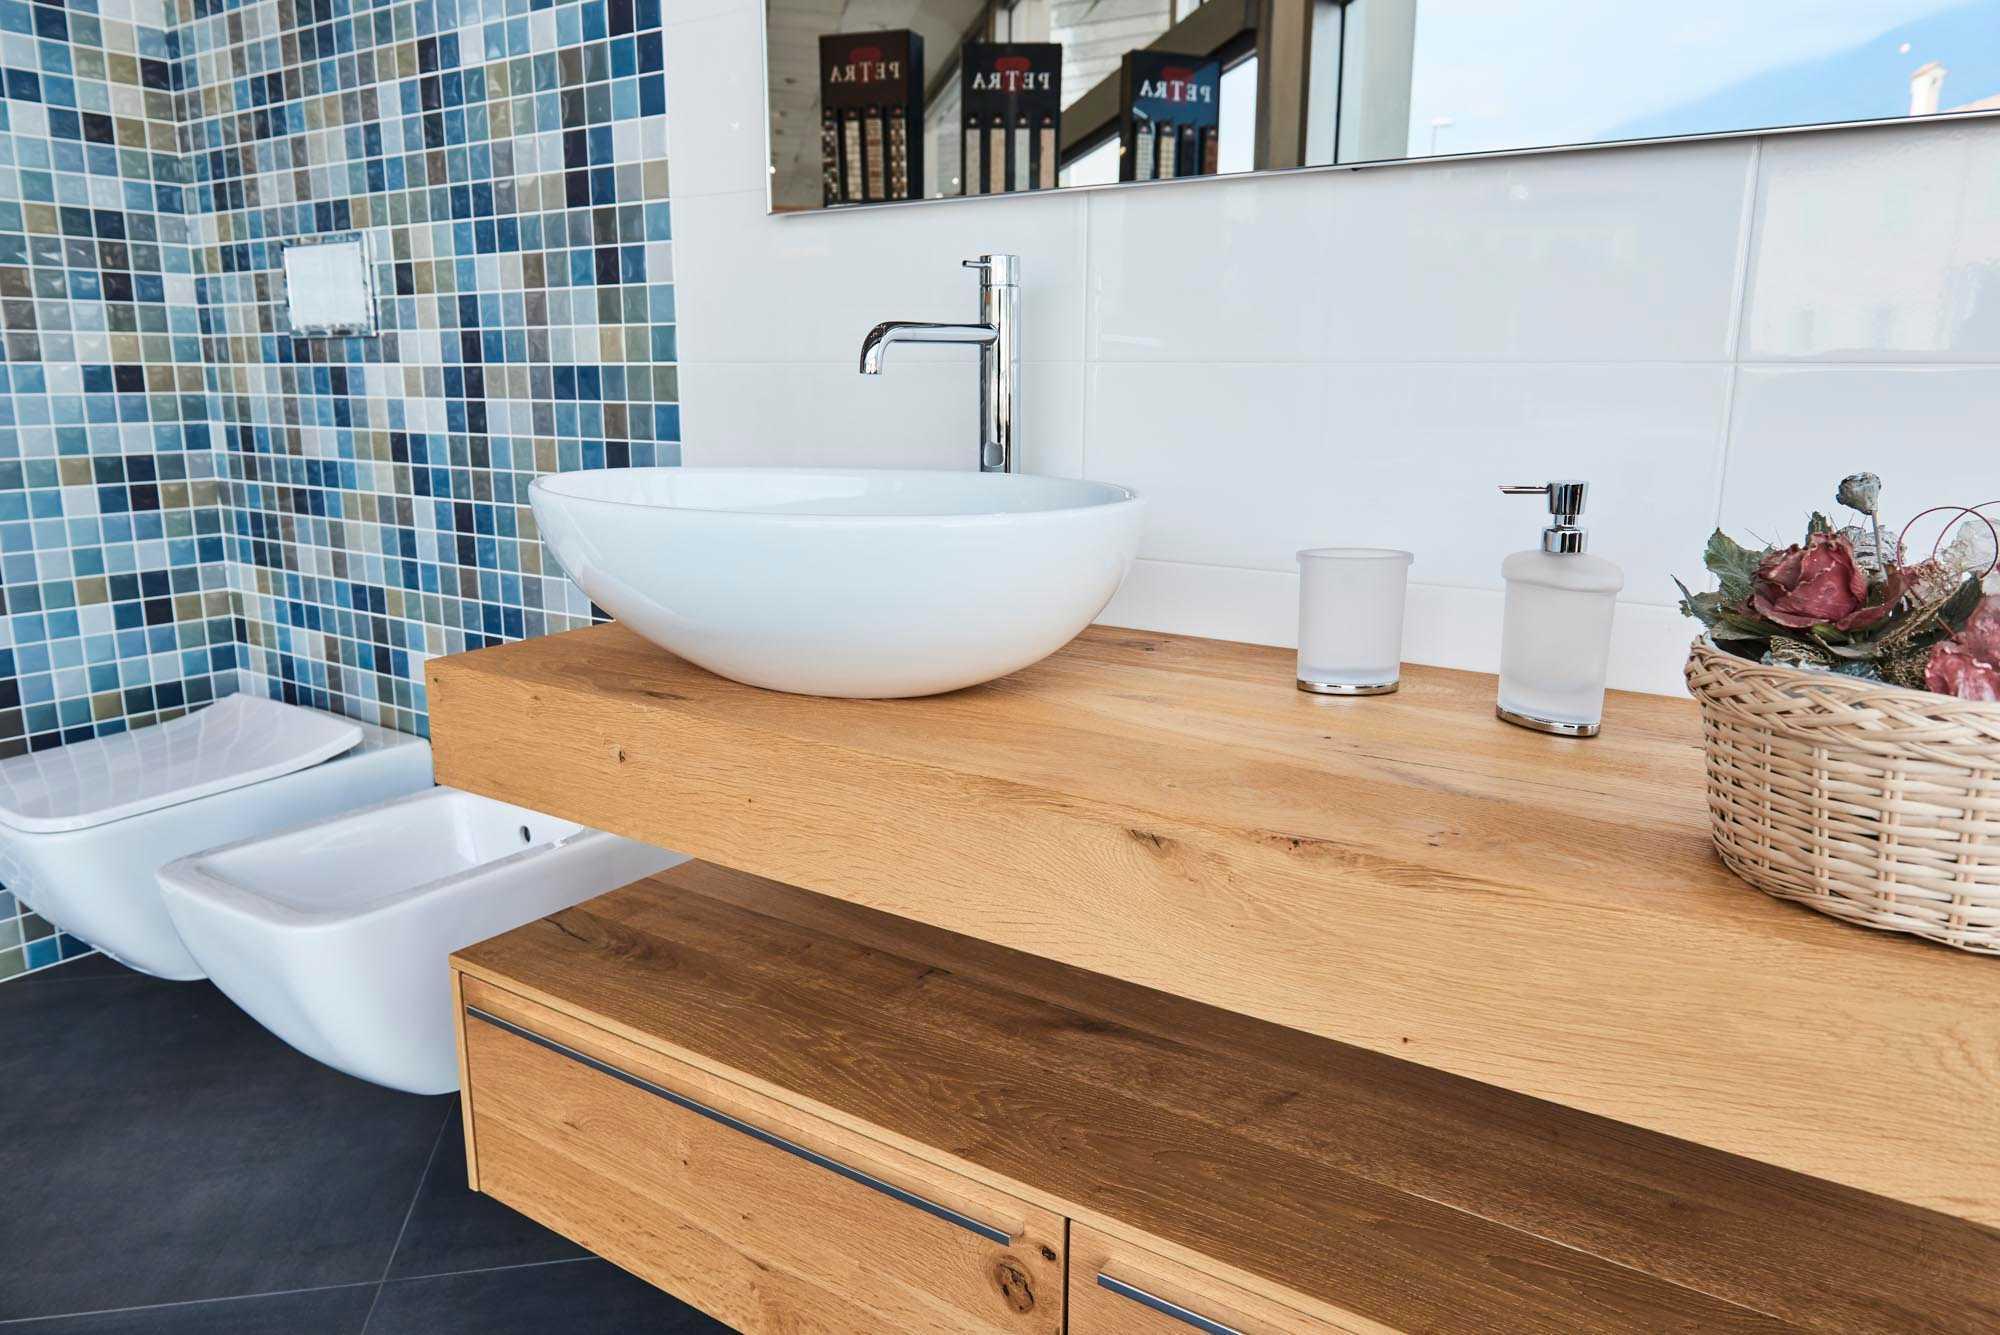 Showroom SVAI_Corrubbio_arredobagno moderno legno